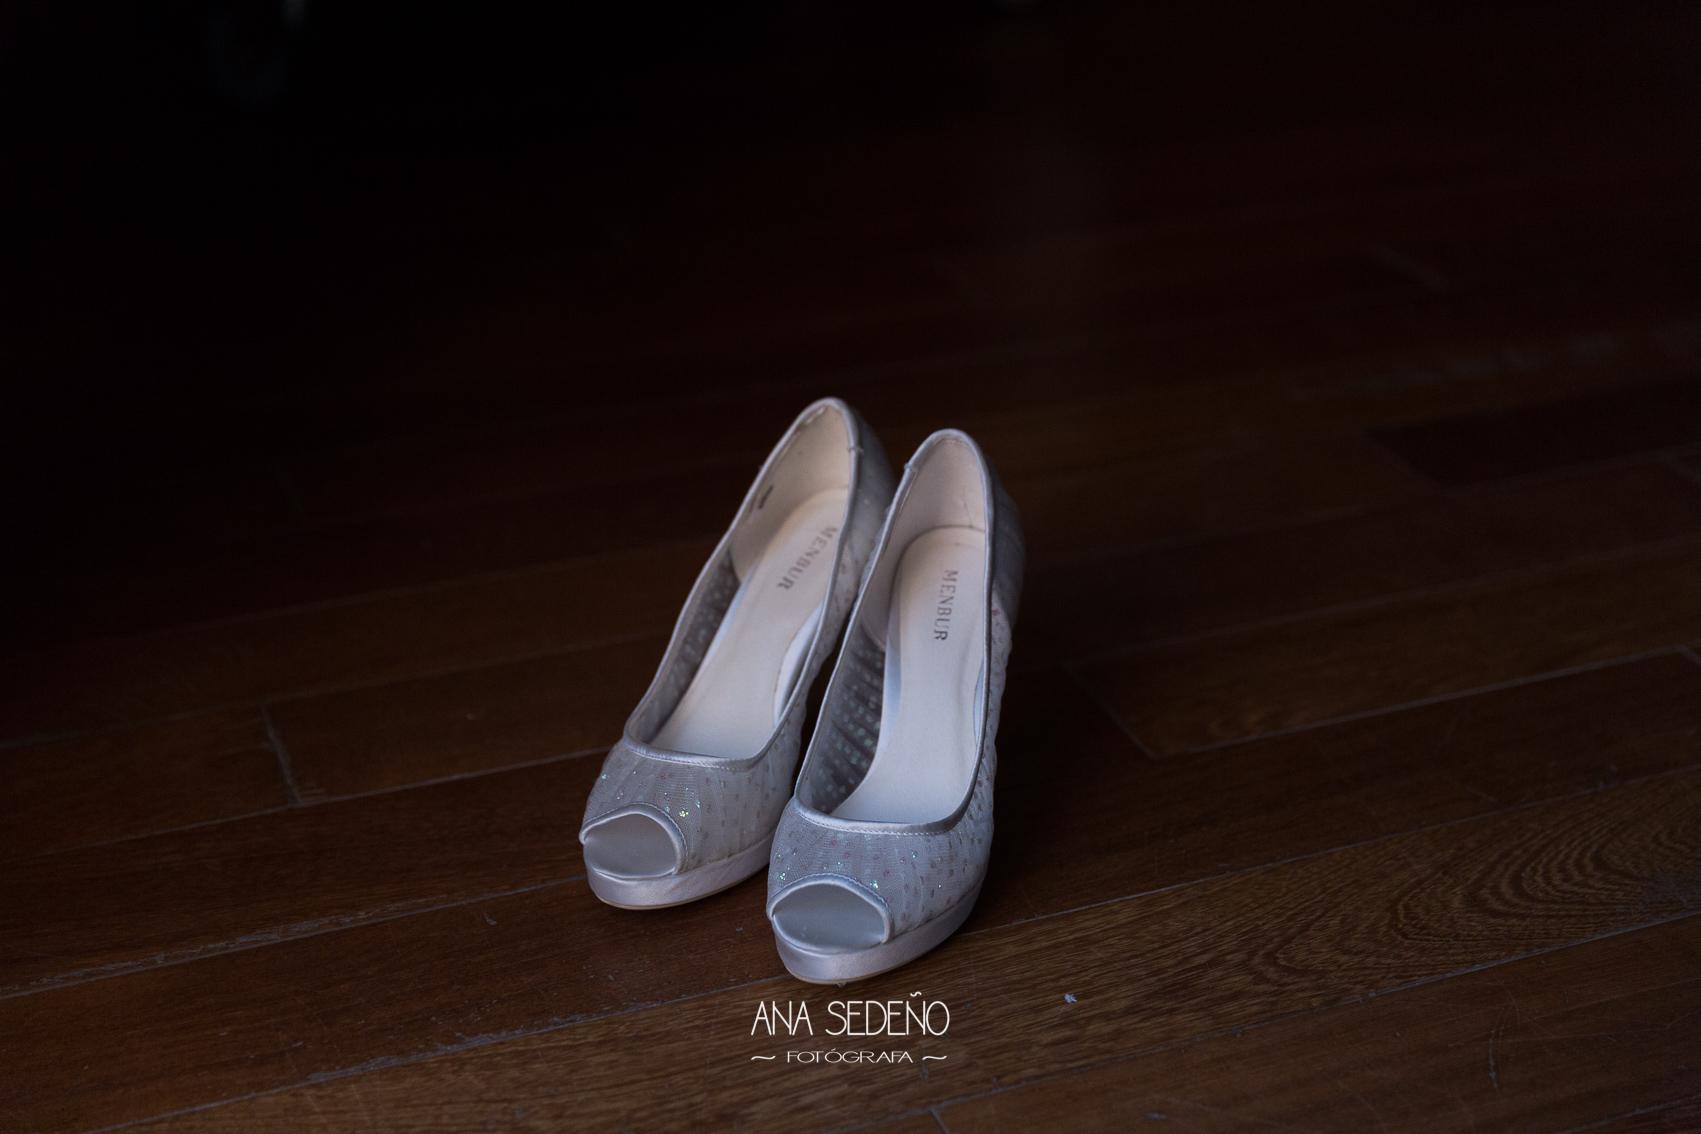 Ana Sedeño Fotografa.-BJ&R-0135